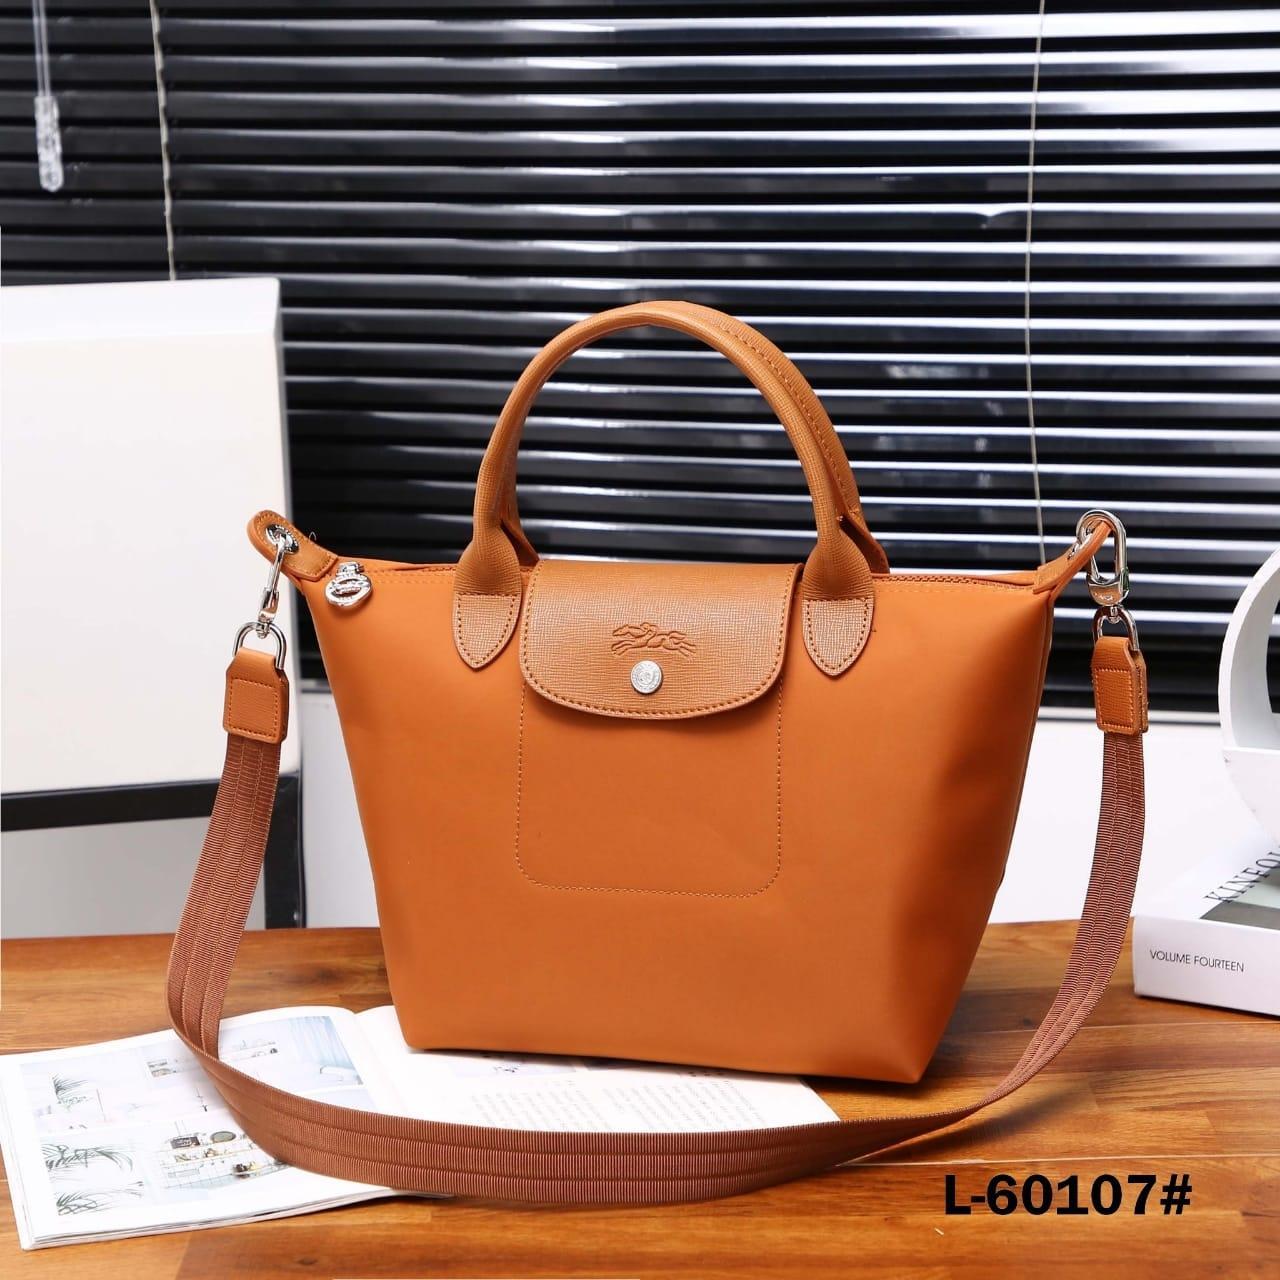 Tas wanita longchamp branded murah   cewek kerja import   selempang fashion  rasel terbaru 4d765f7be3